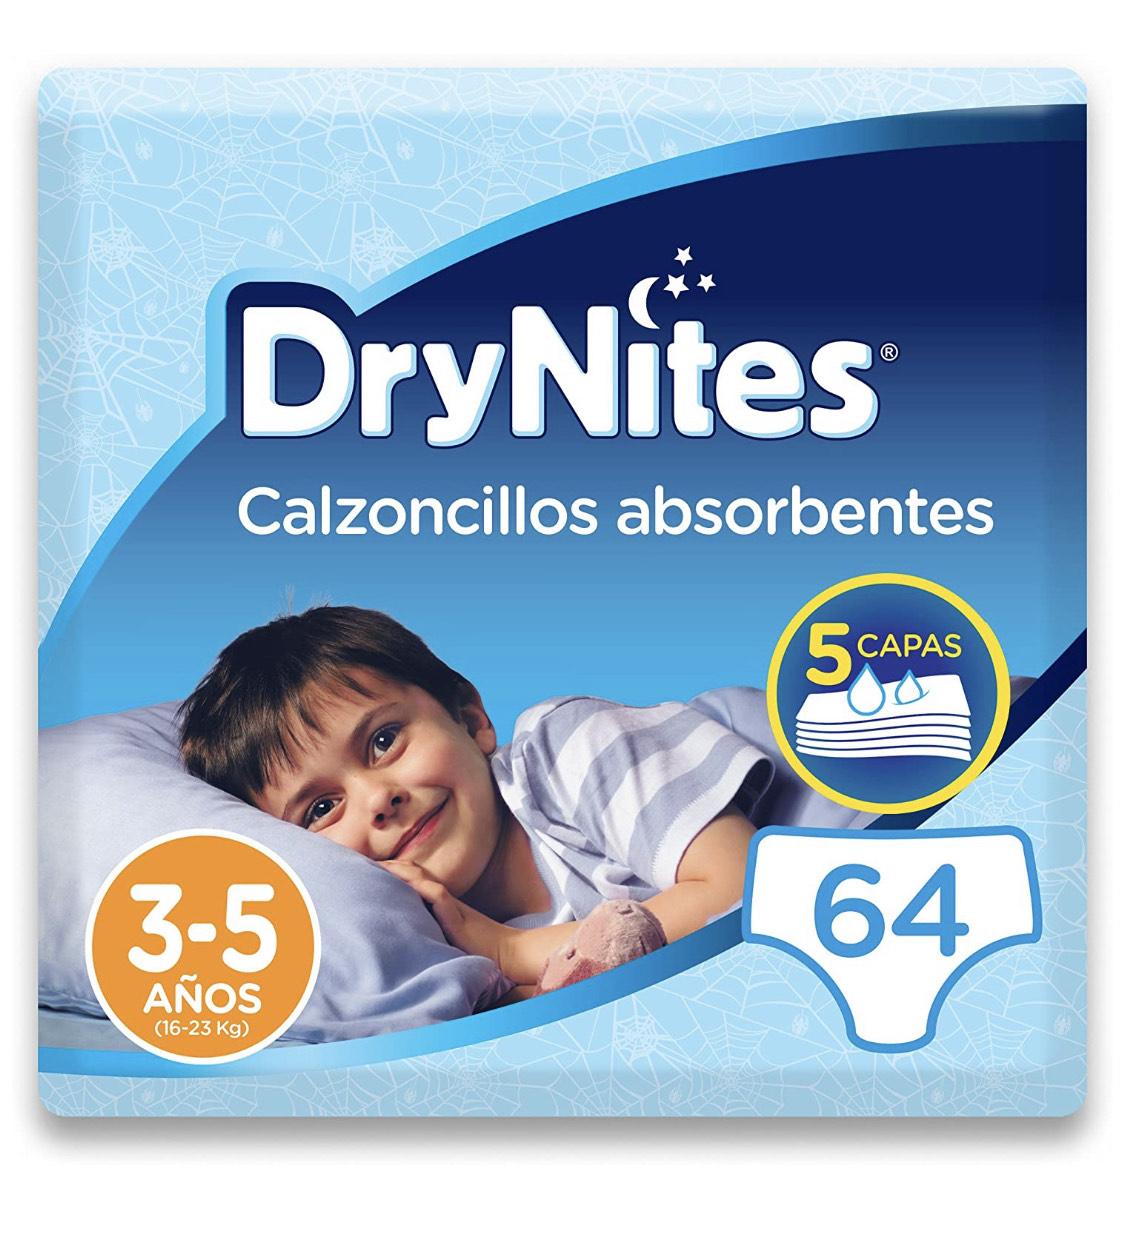 64 DryNites - Calzoncillos absorbentes para niño - 3 - 5 años (16-23 kg), 4 paquetes x 16 uds (64 unidades)